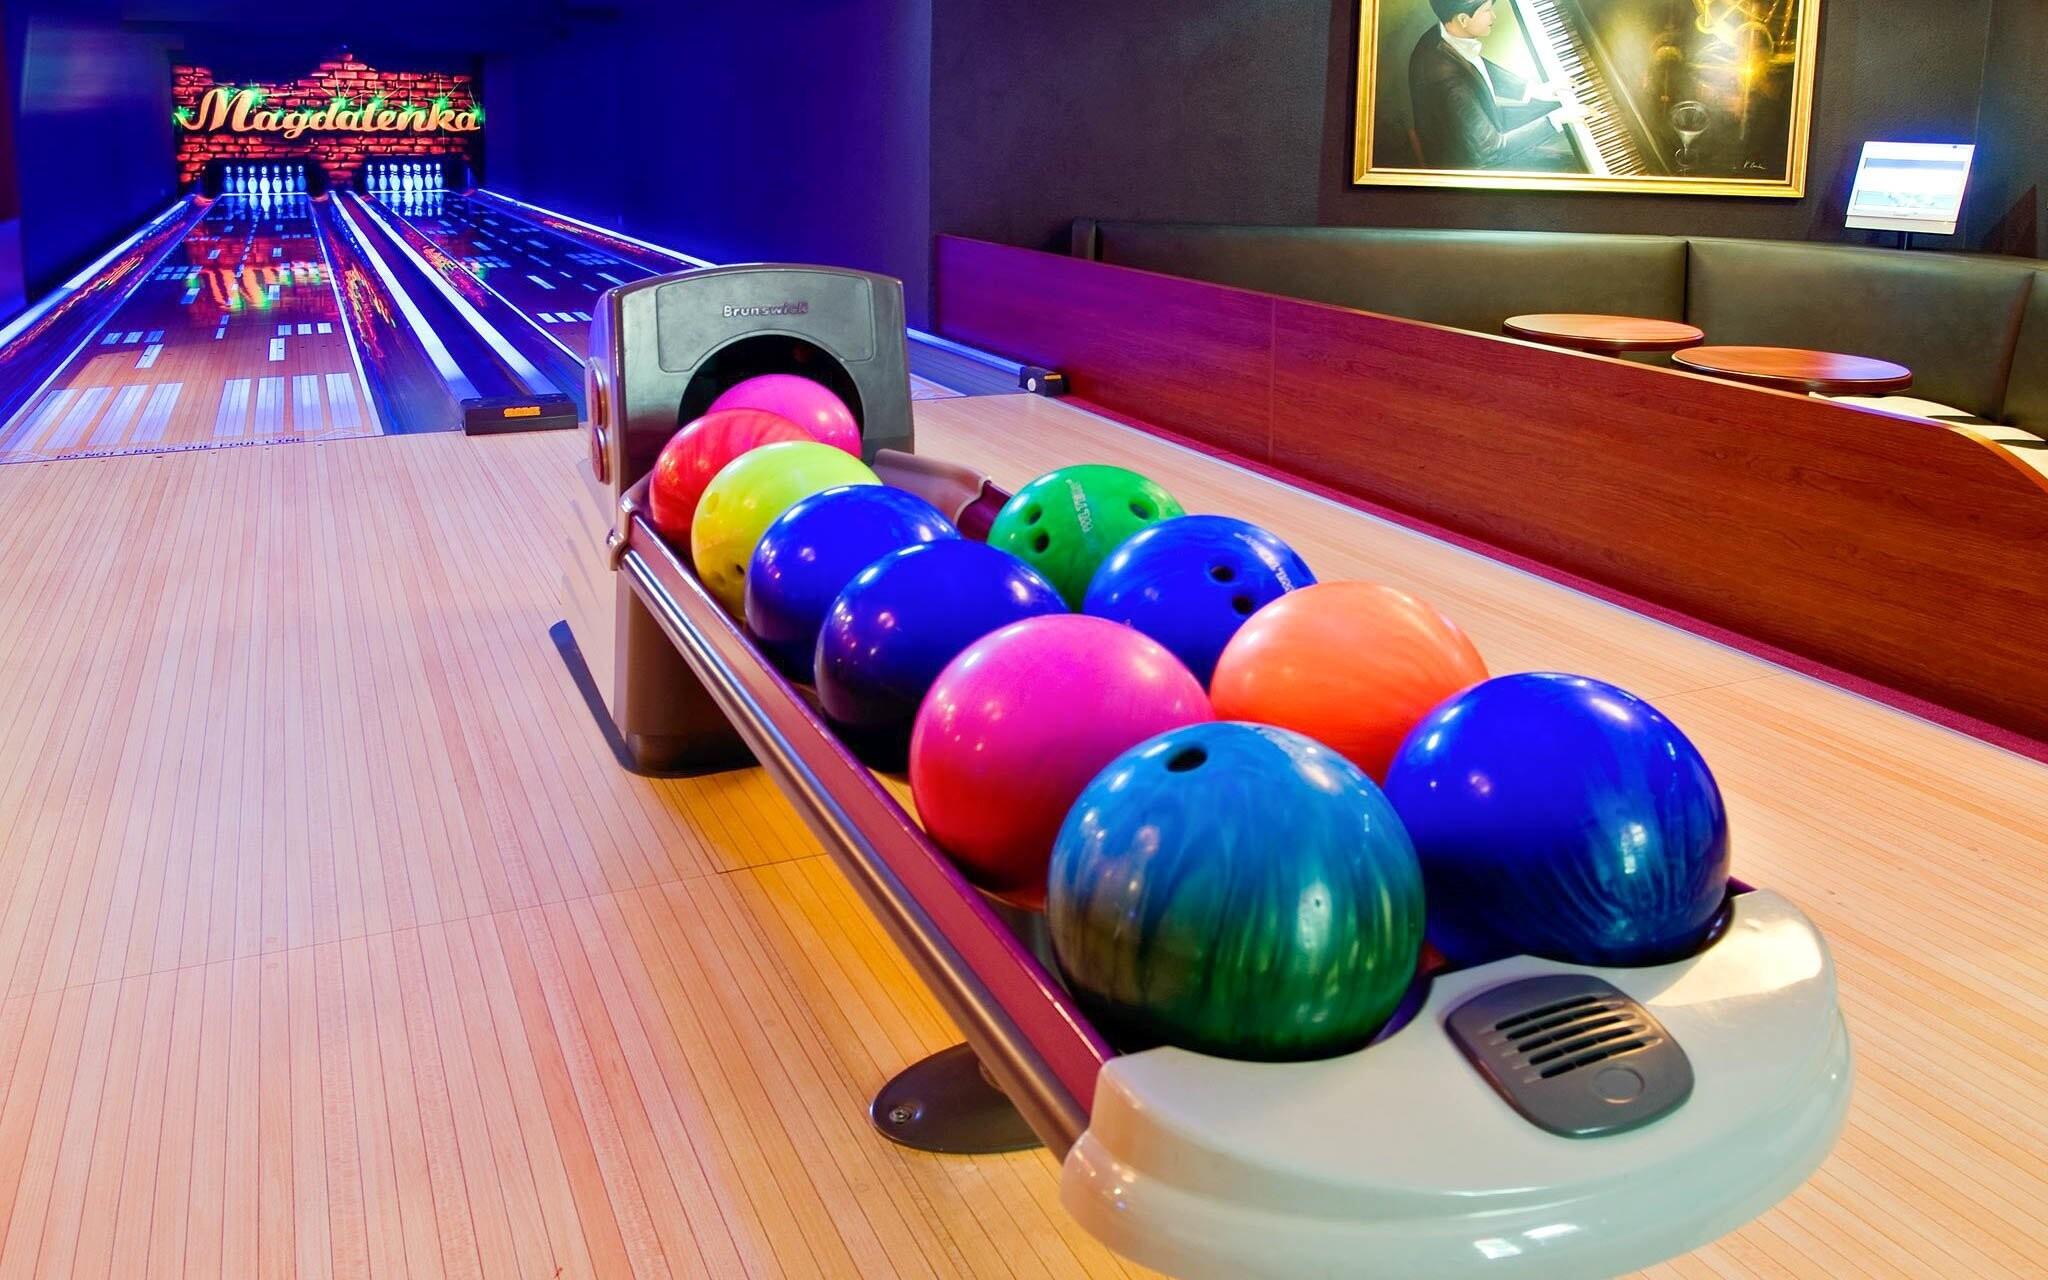 Tady zábava nikdy nekončí, můžete zajít na bowling...